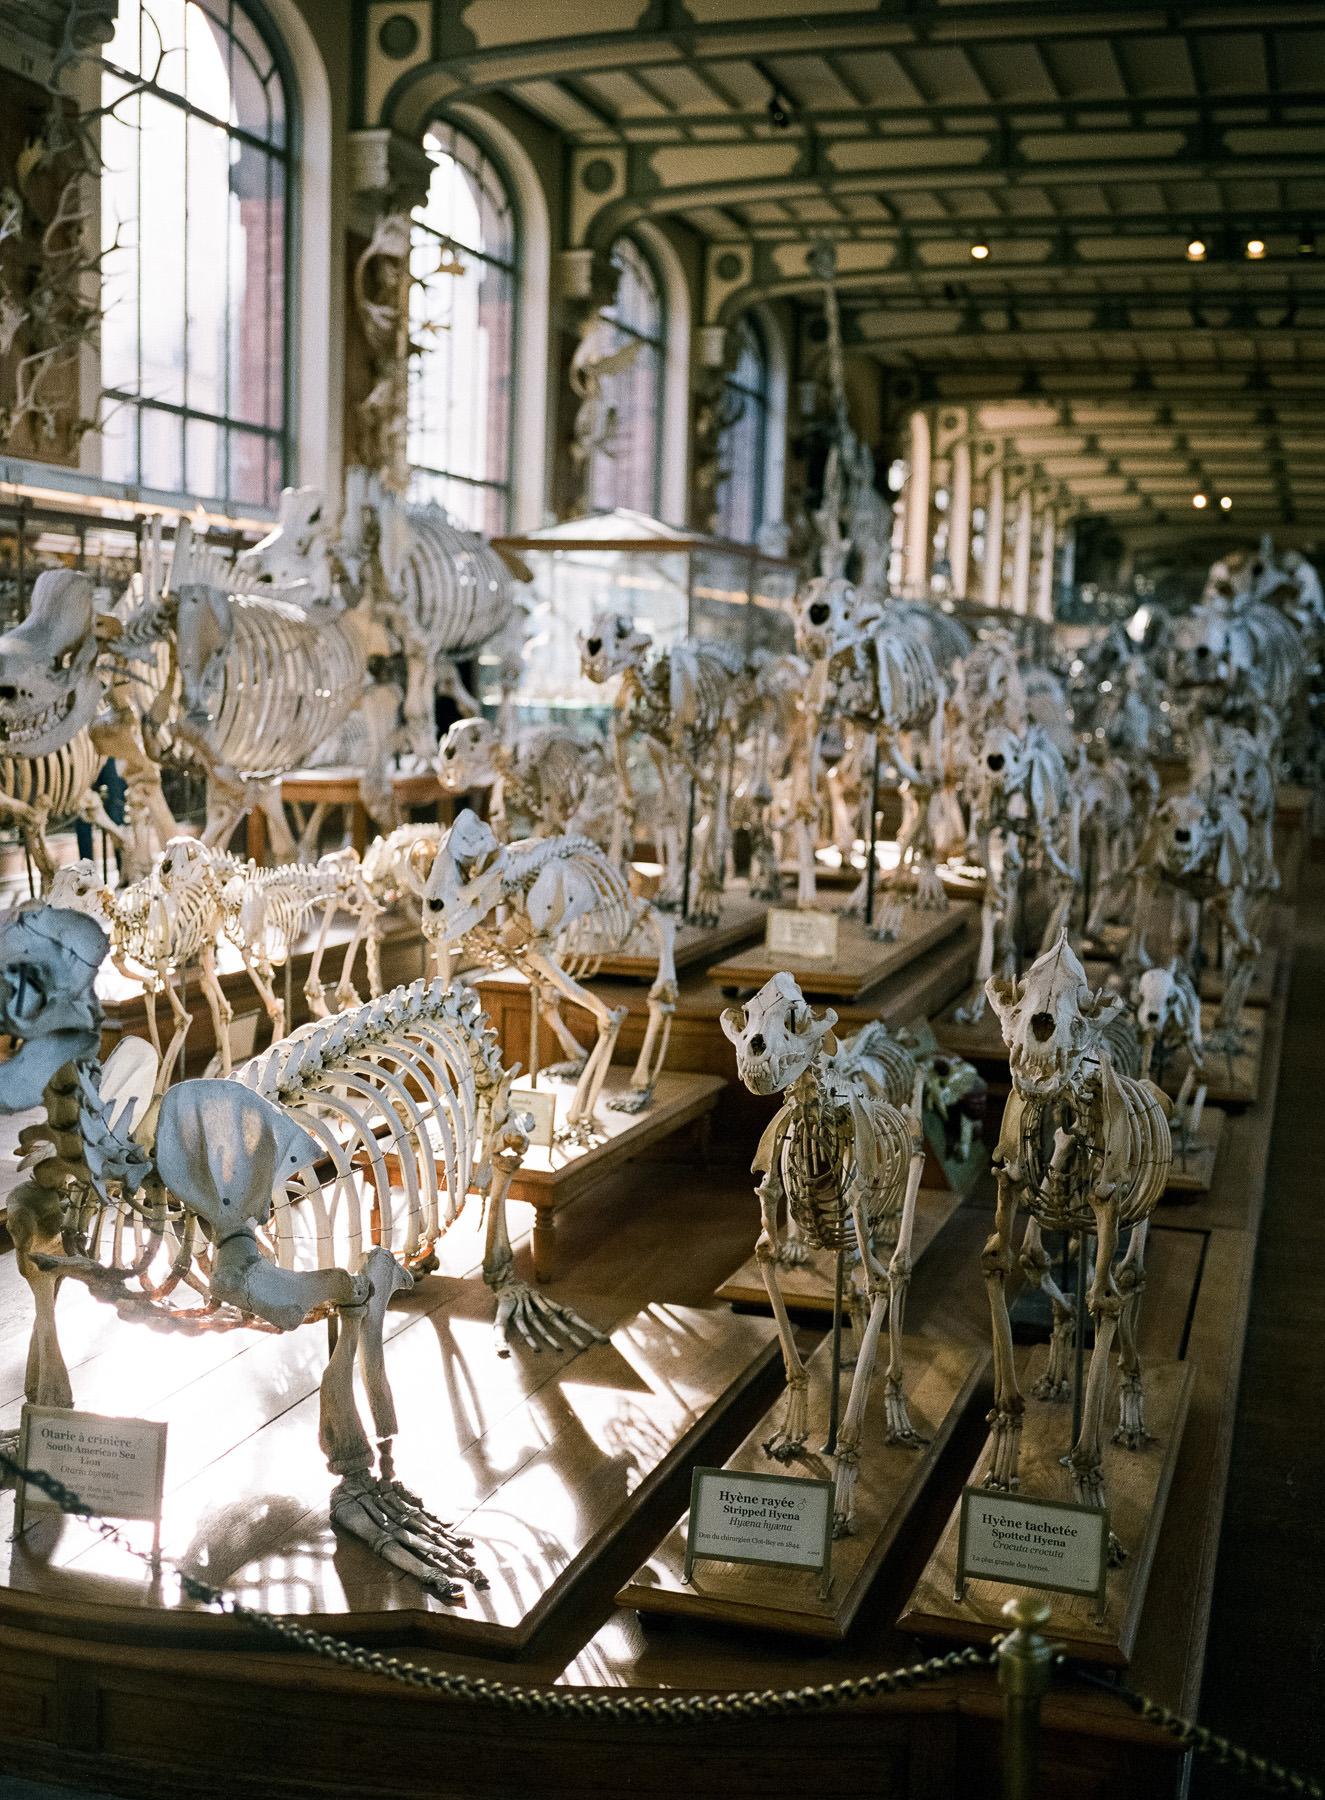 Muséum national d'histoire naturelle, Galerie d'Anatomie Comparée, Paris, Fuji 400H + GA 645